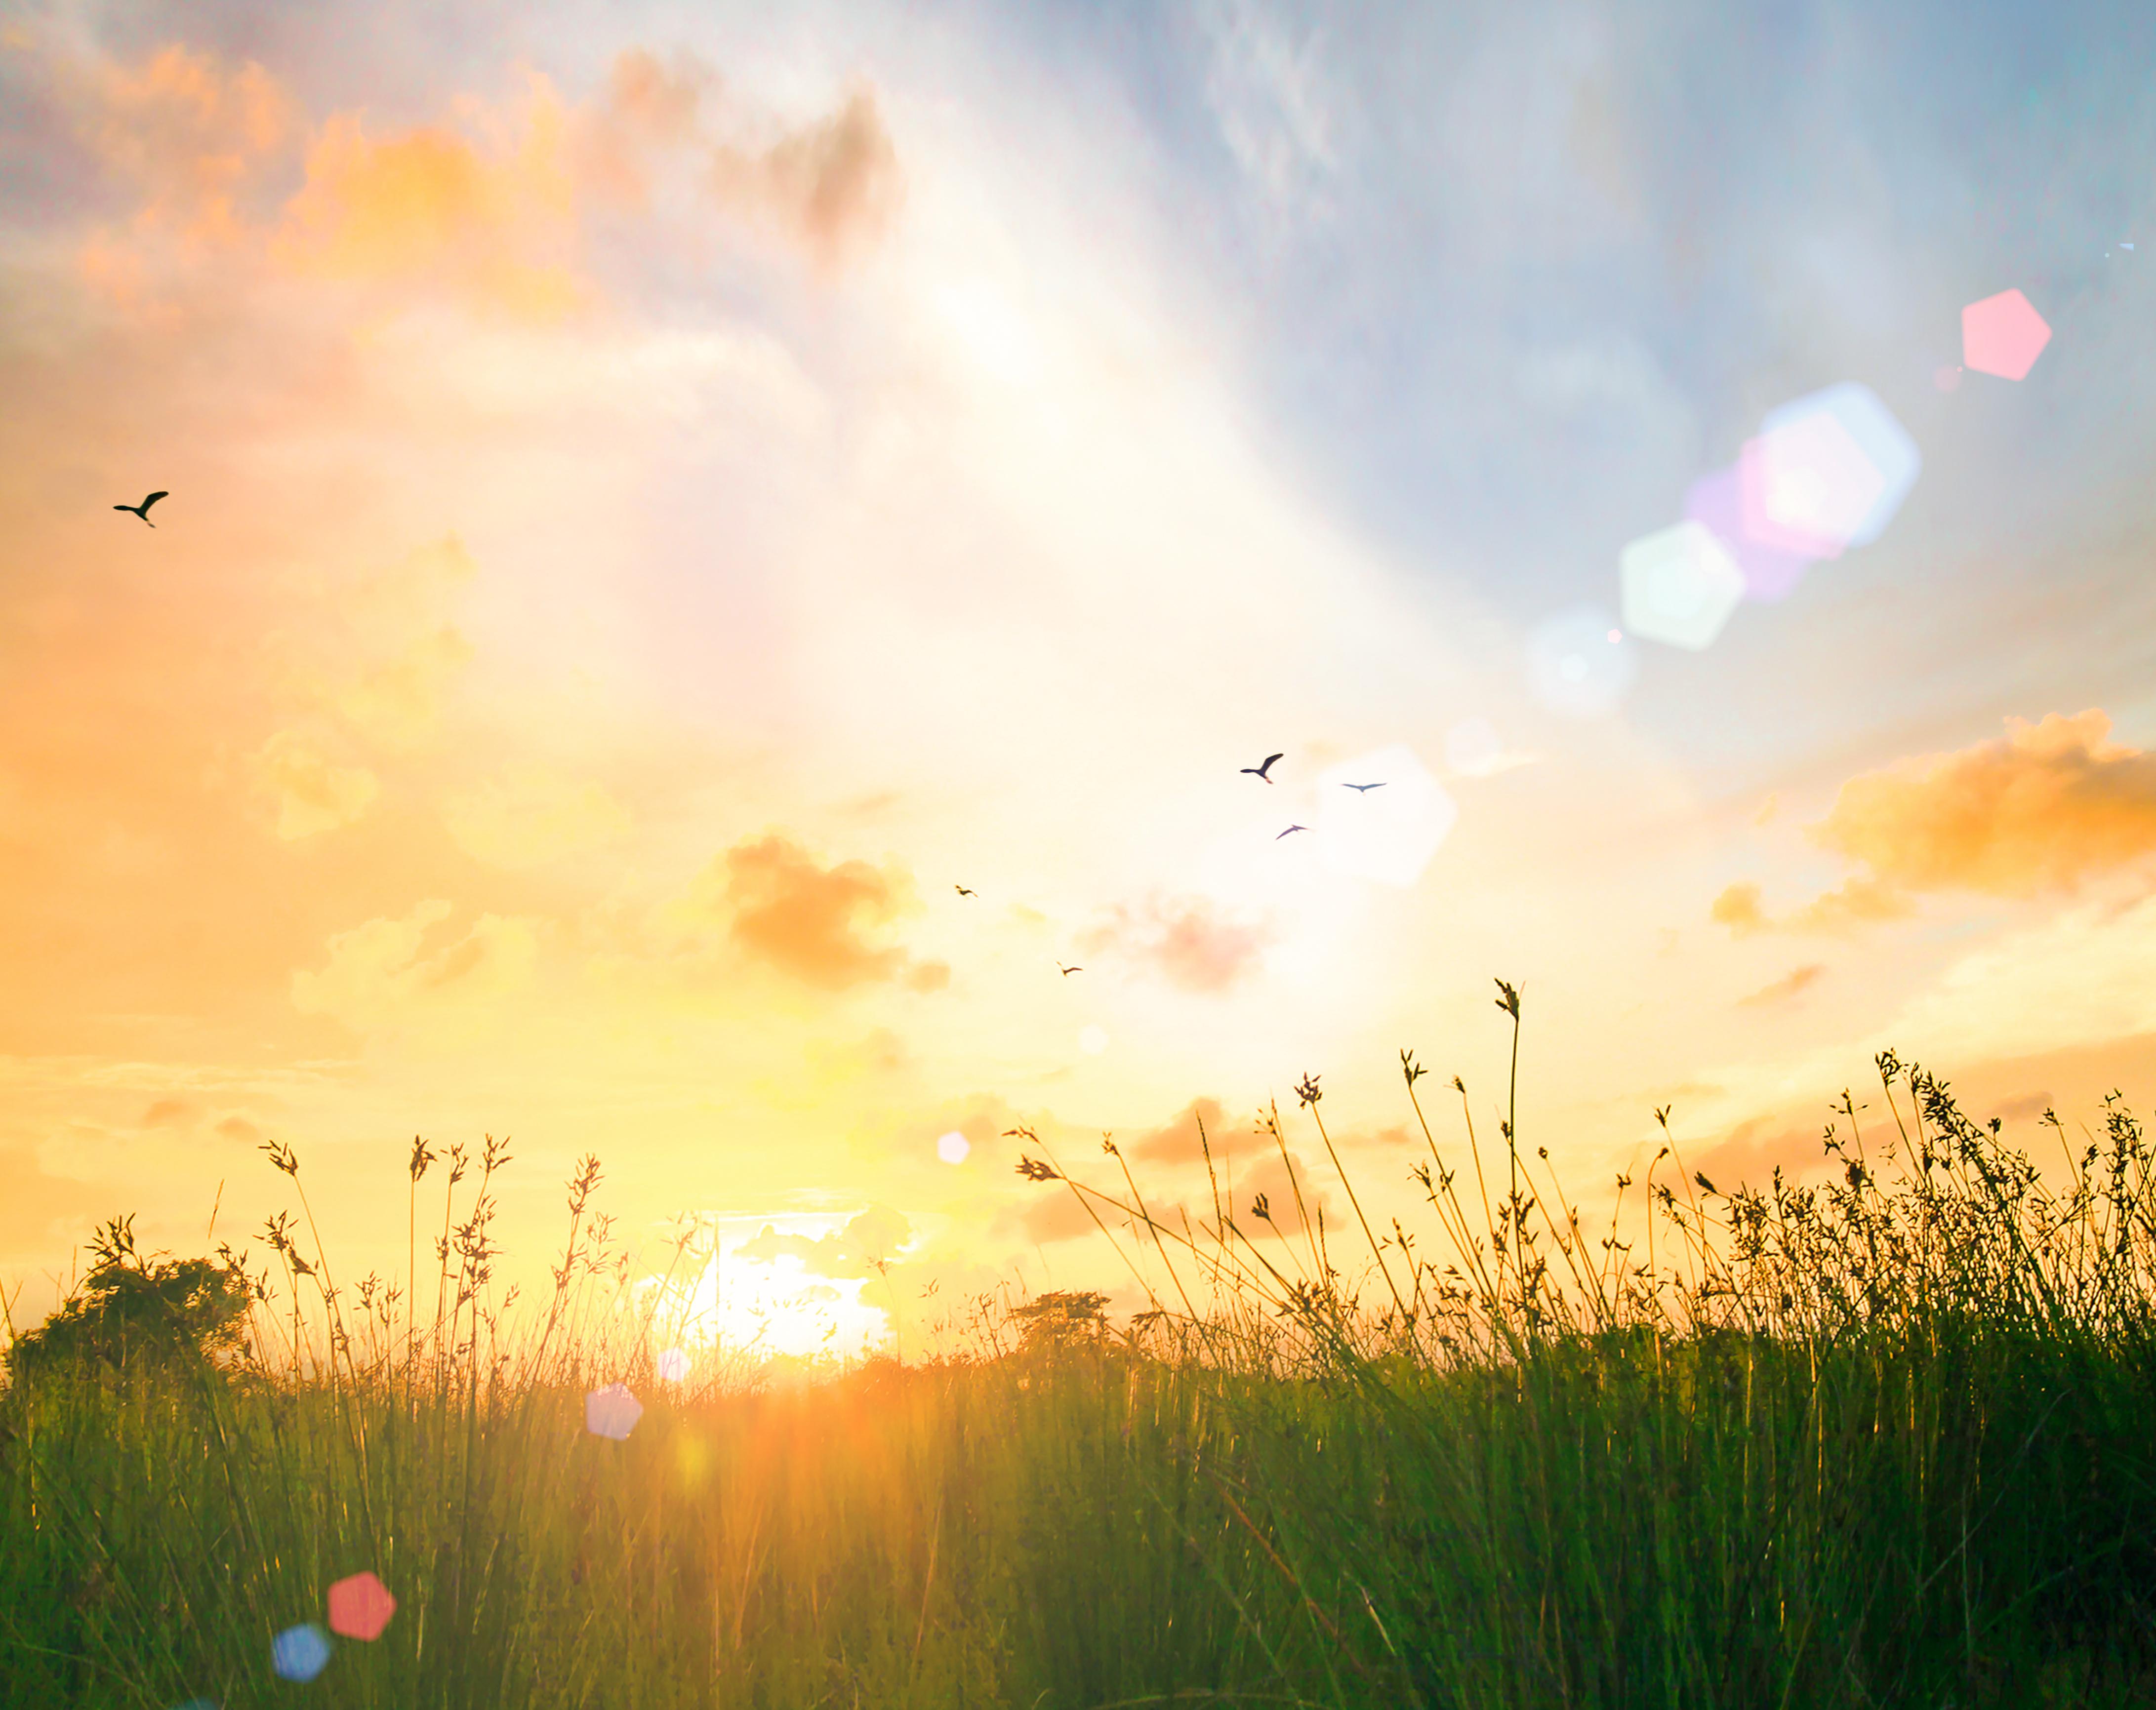 Le Danemark souhaite autant encourager les consommateurs que les producteurs et les distributeurs via Shutterstock